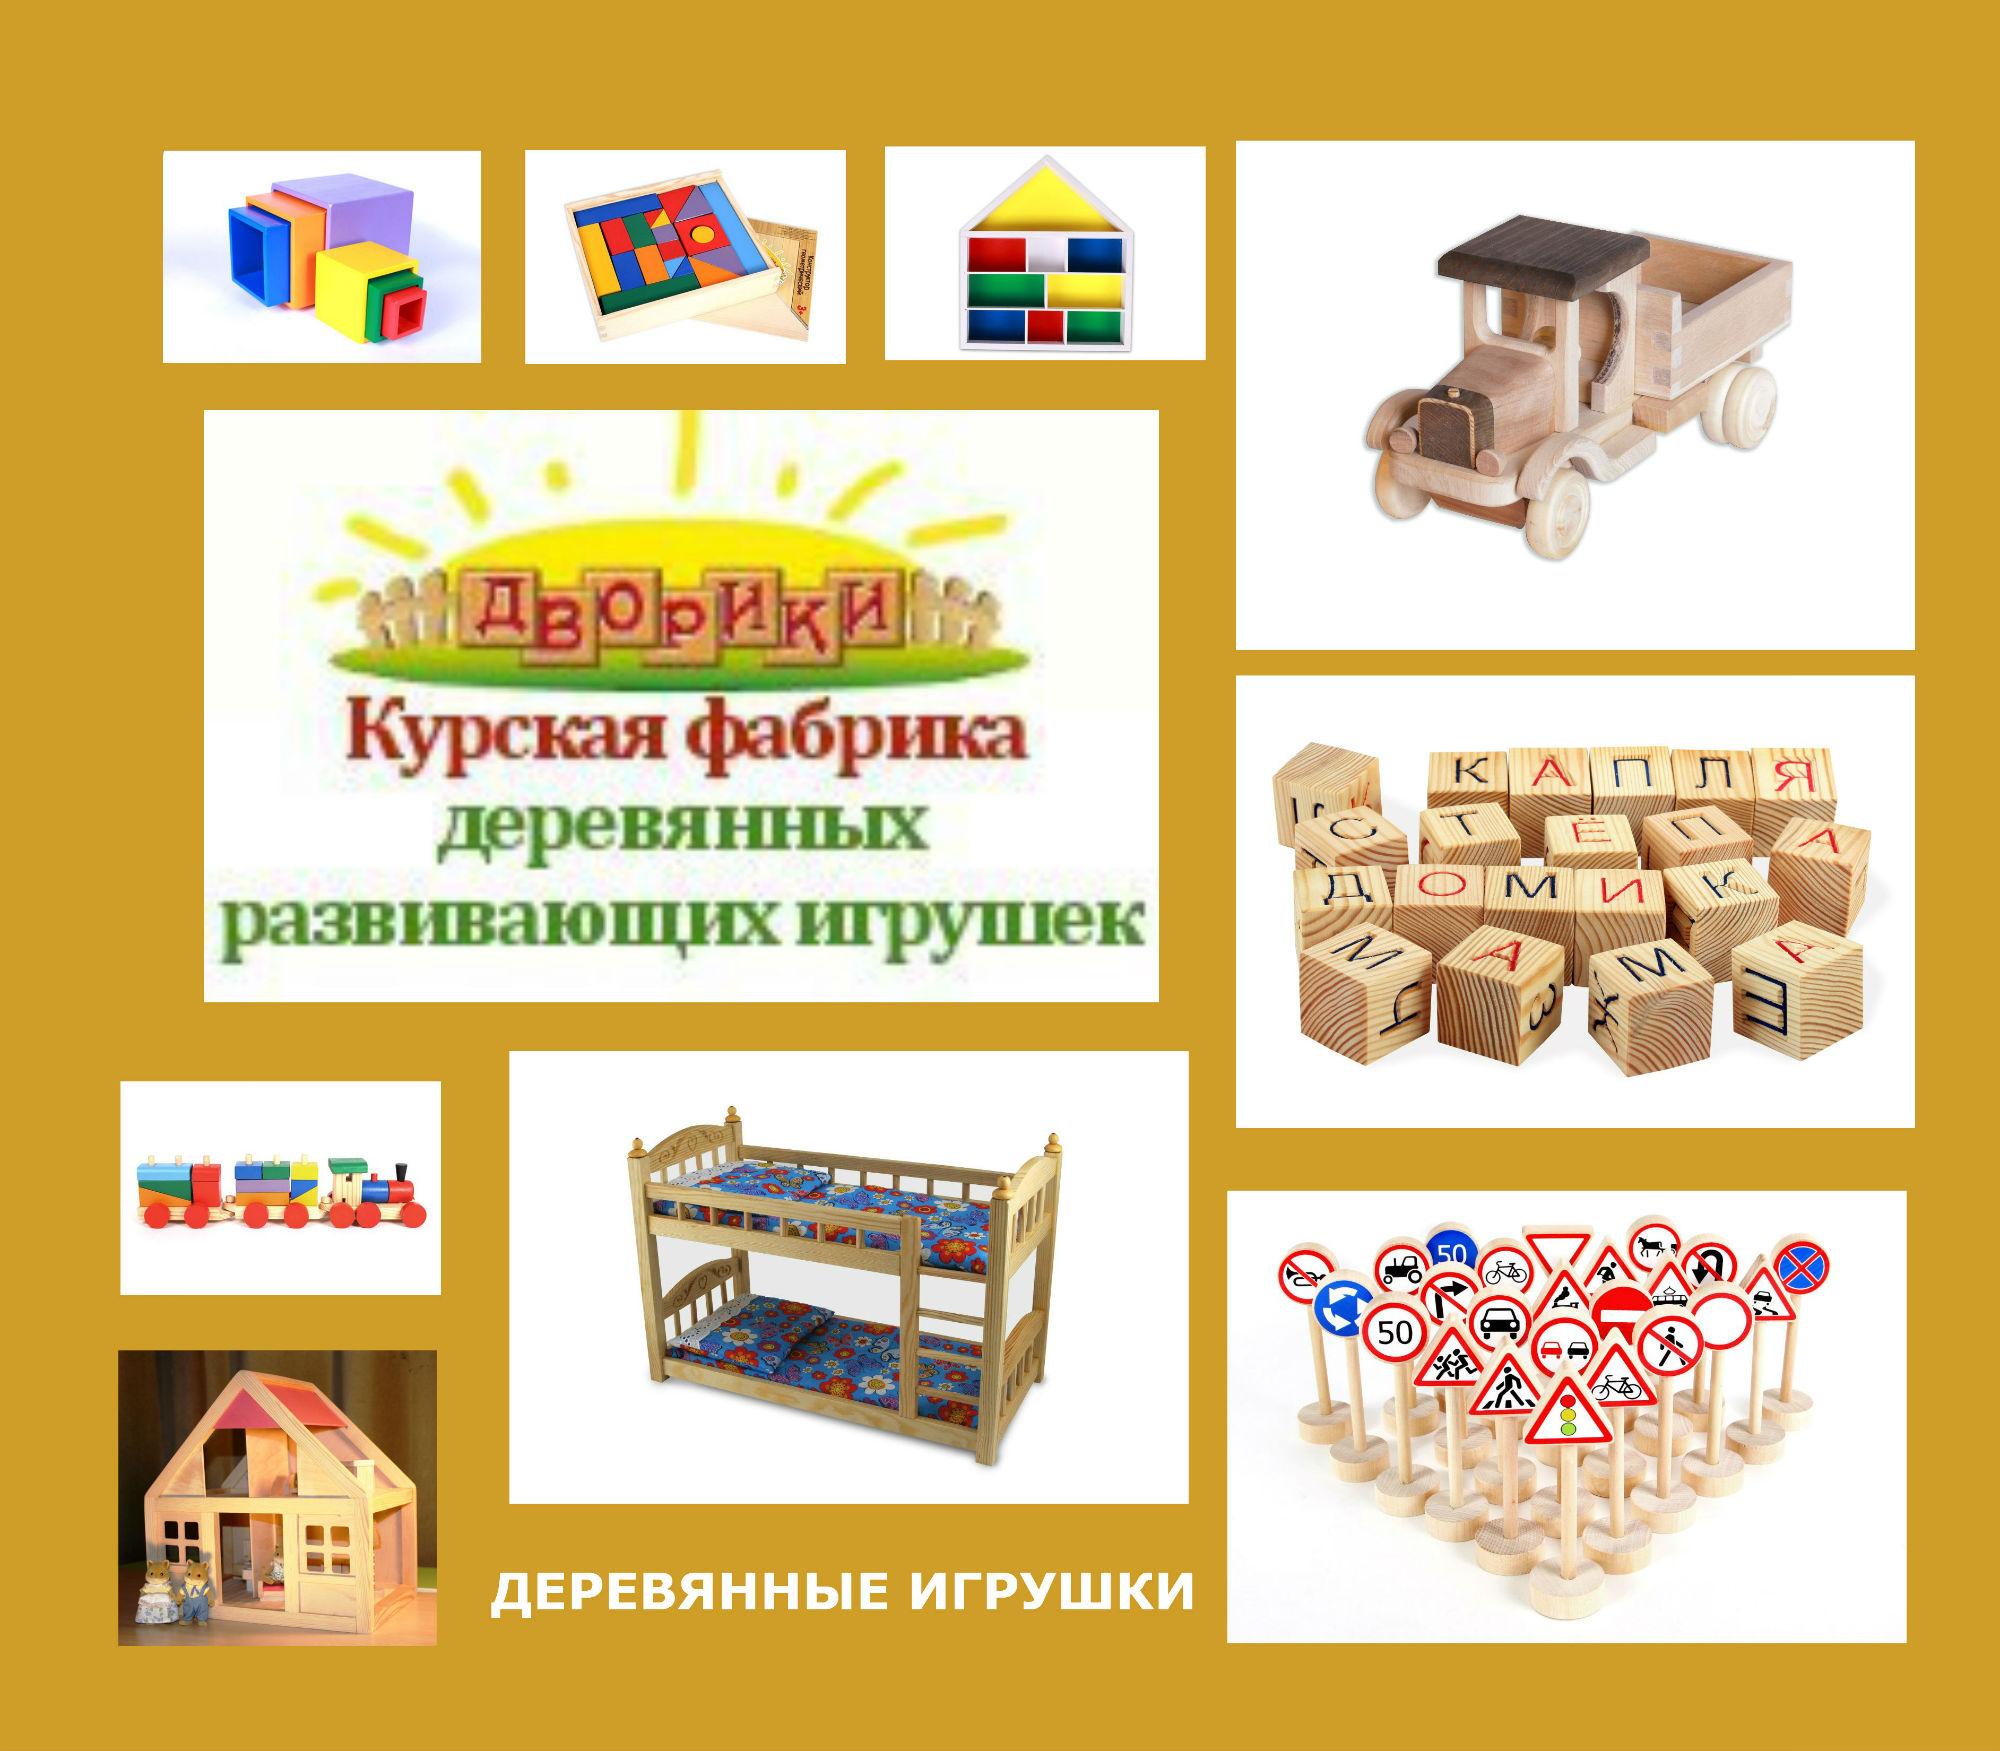 Сбор заказов. Дворики. Деревянные игрушки. Домики с мебелью, дорожные знаки, конструкторы, кубики для слабовидящих